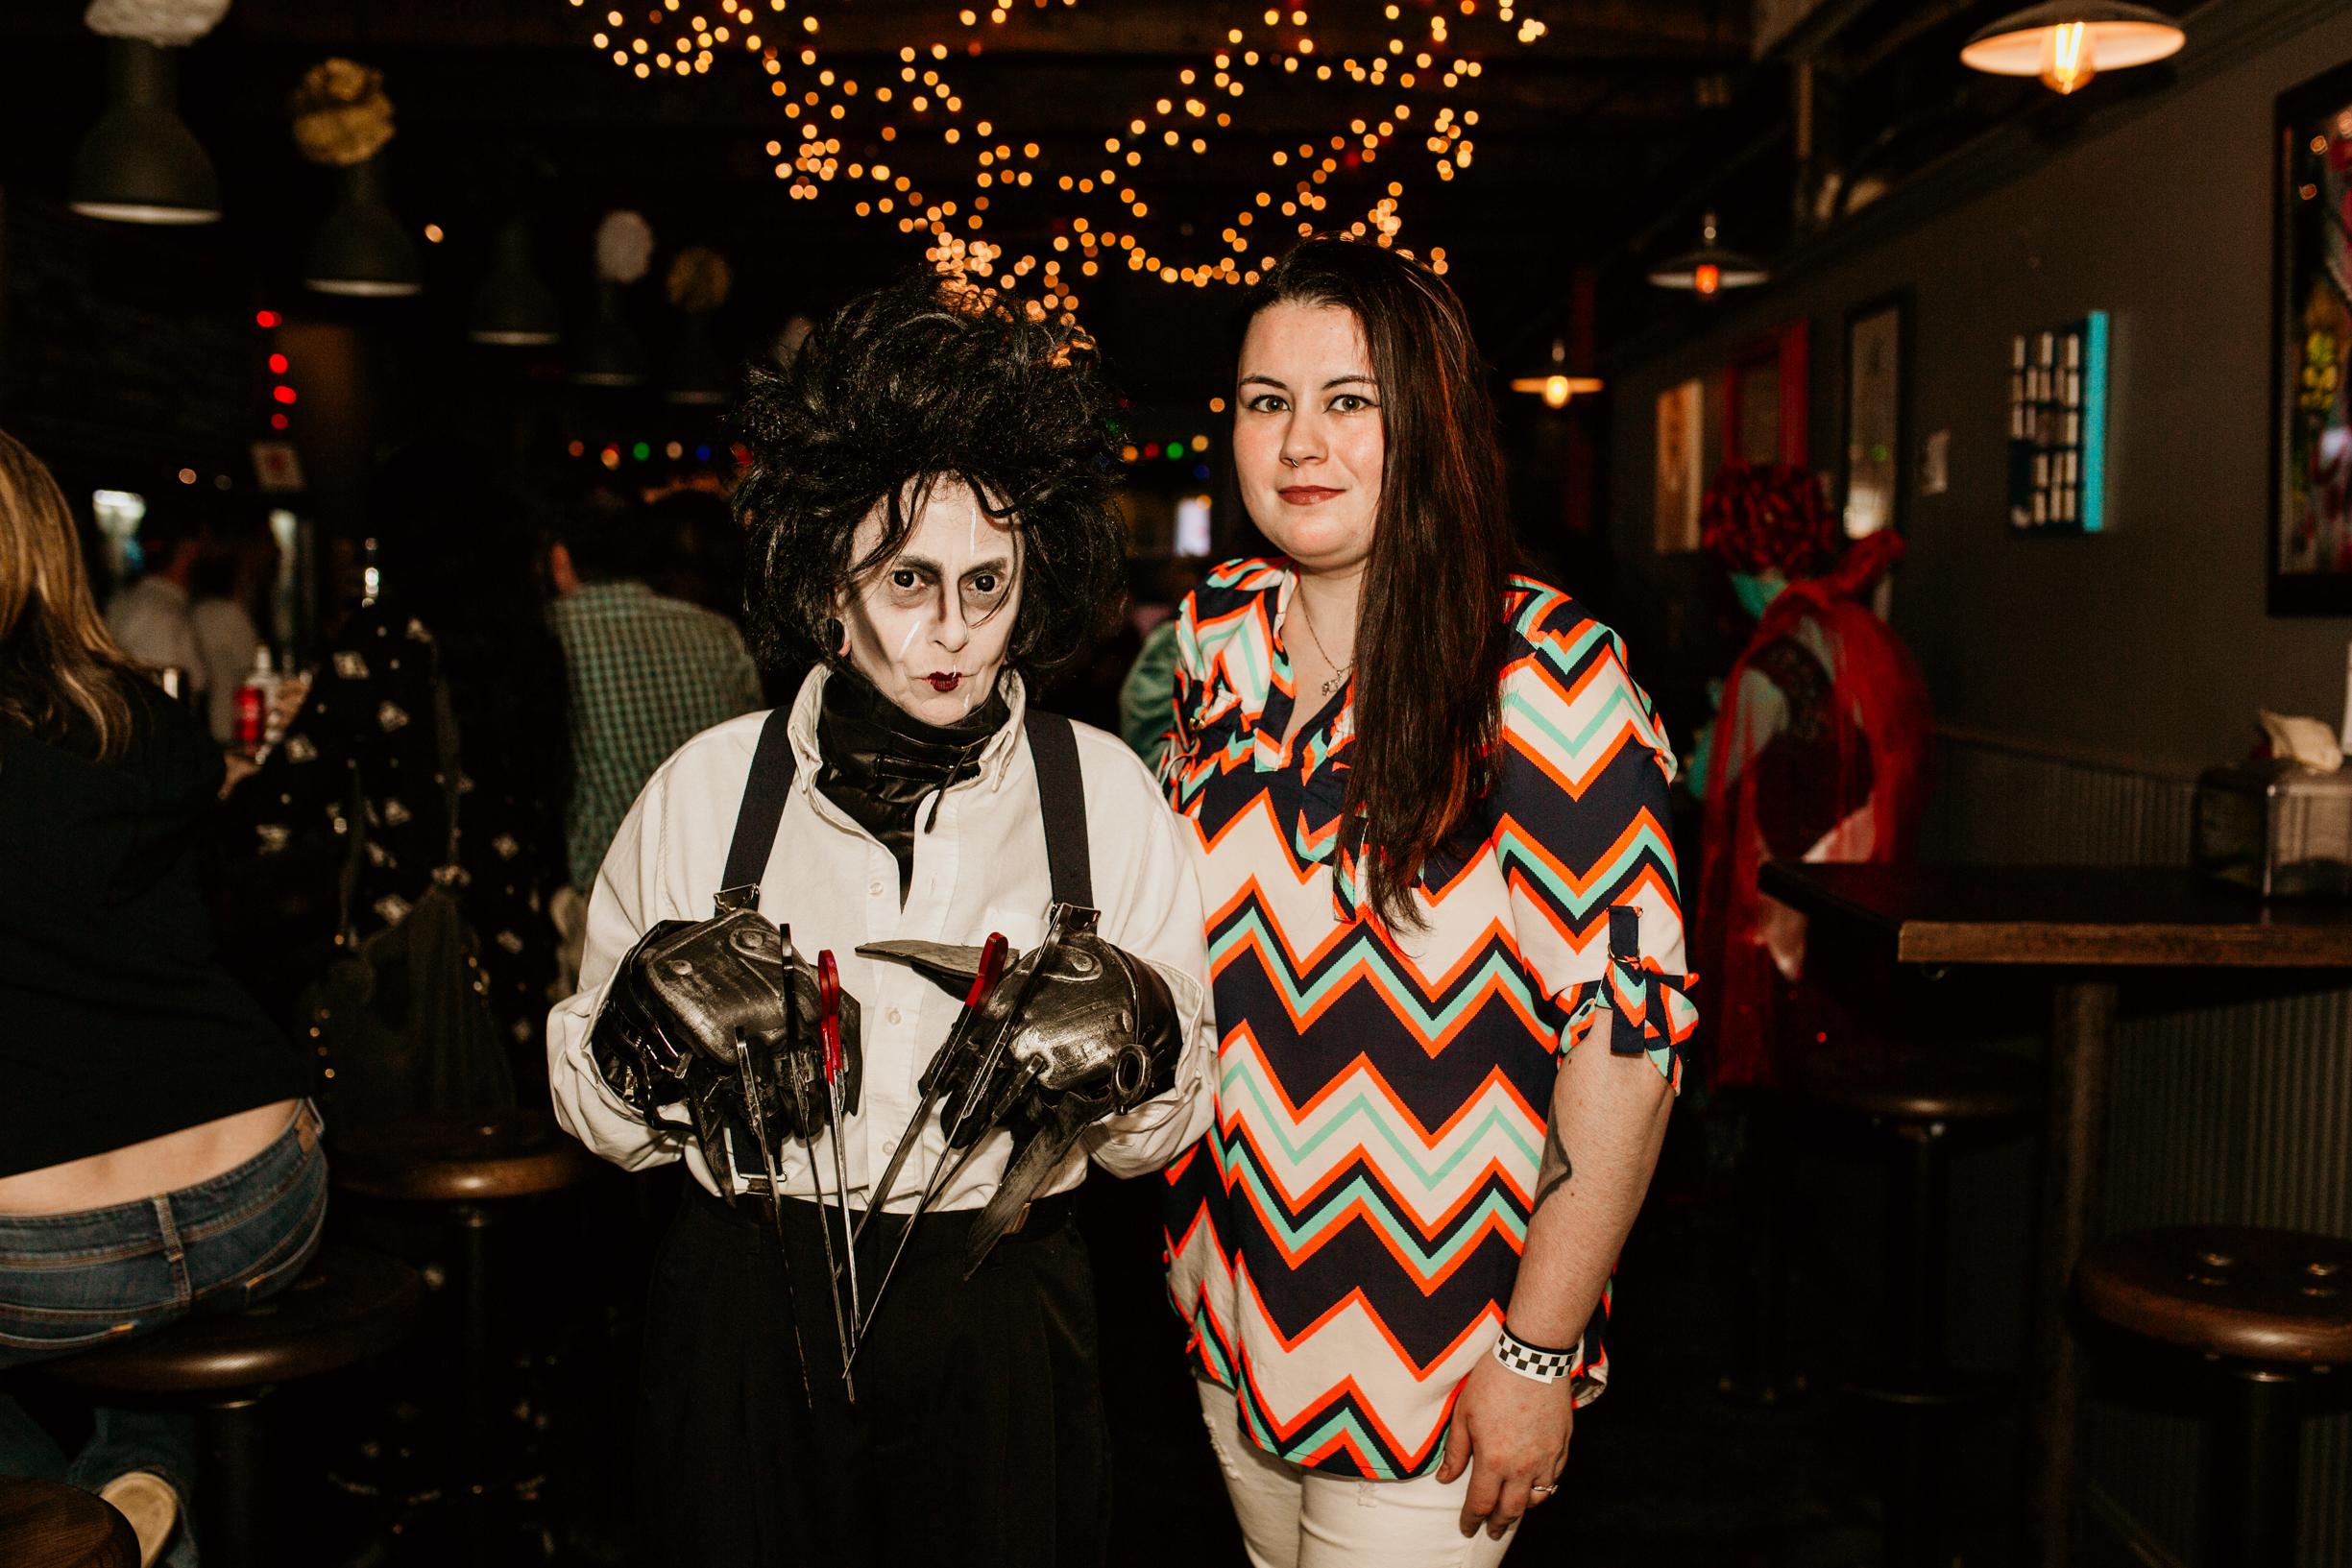 FEVA Winona Ryd or Die 4-14-18 Butchertown Social Crystal Ludwick Photo LOW RES (52 of 163).jpg